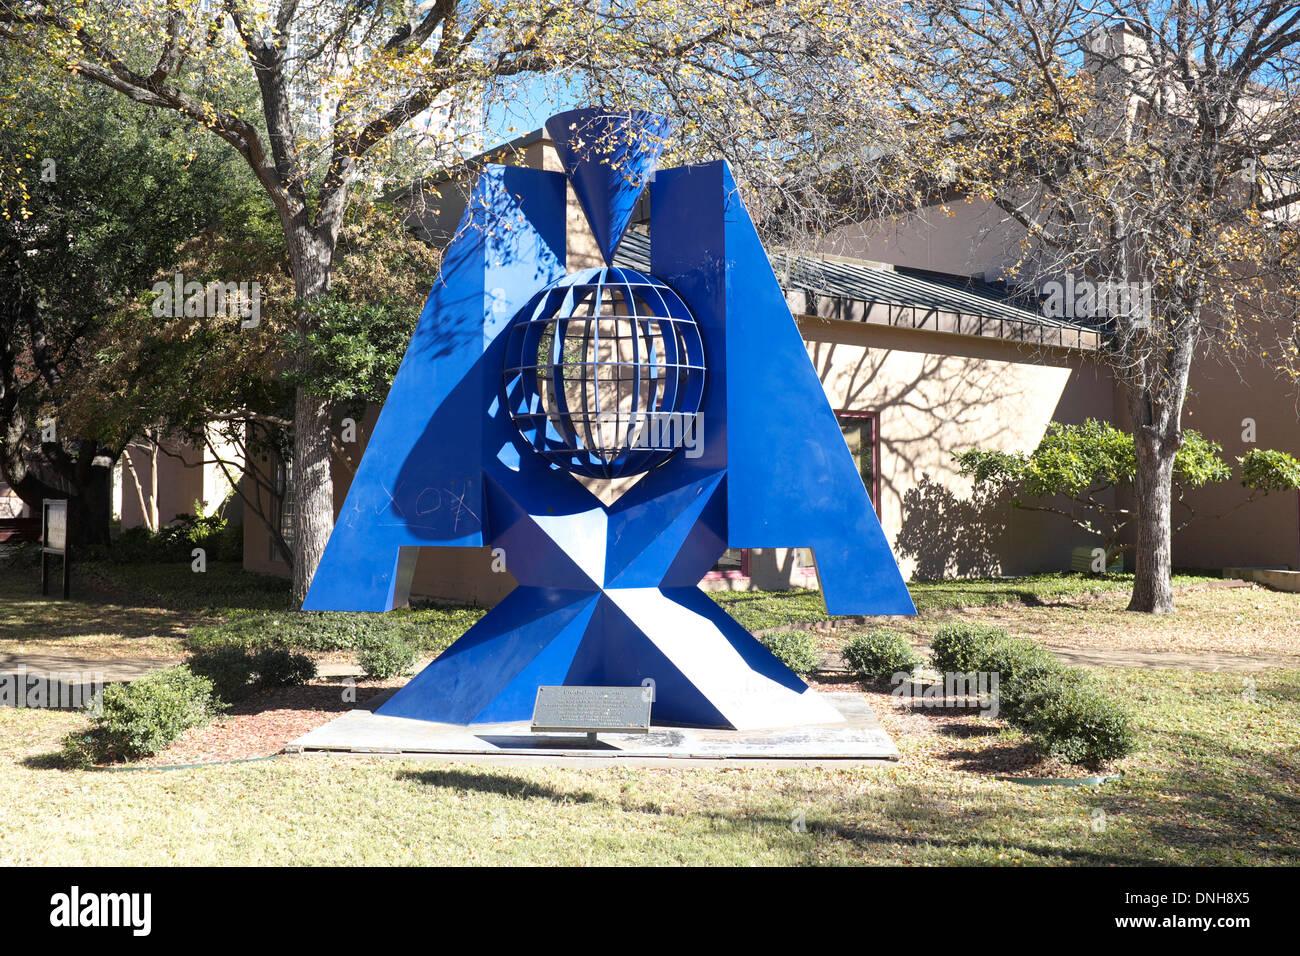 Unamita par Sebastian est un don généreux à l'UNAM de Ing. Gilberto Borja Navarrete en célébration de son 60e anniversaire Photo Stock